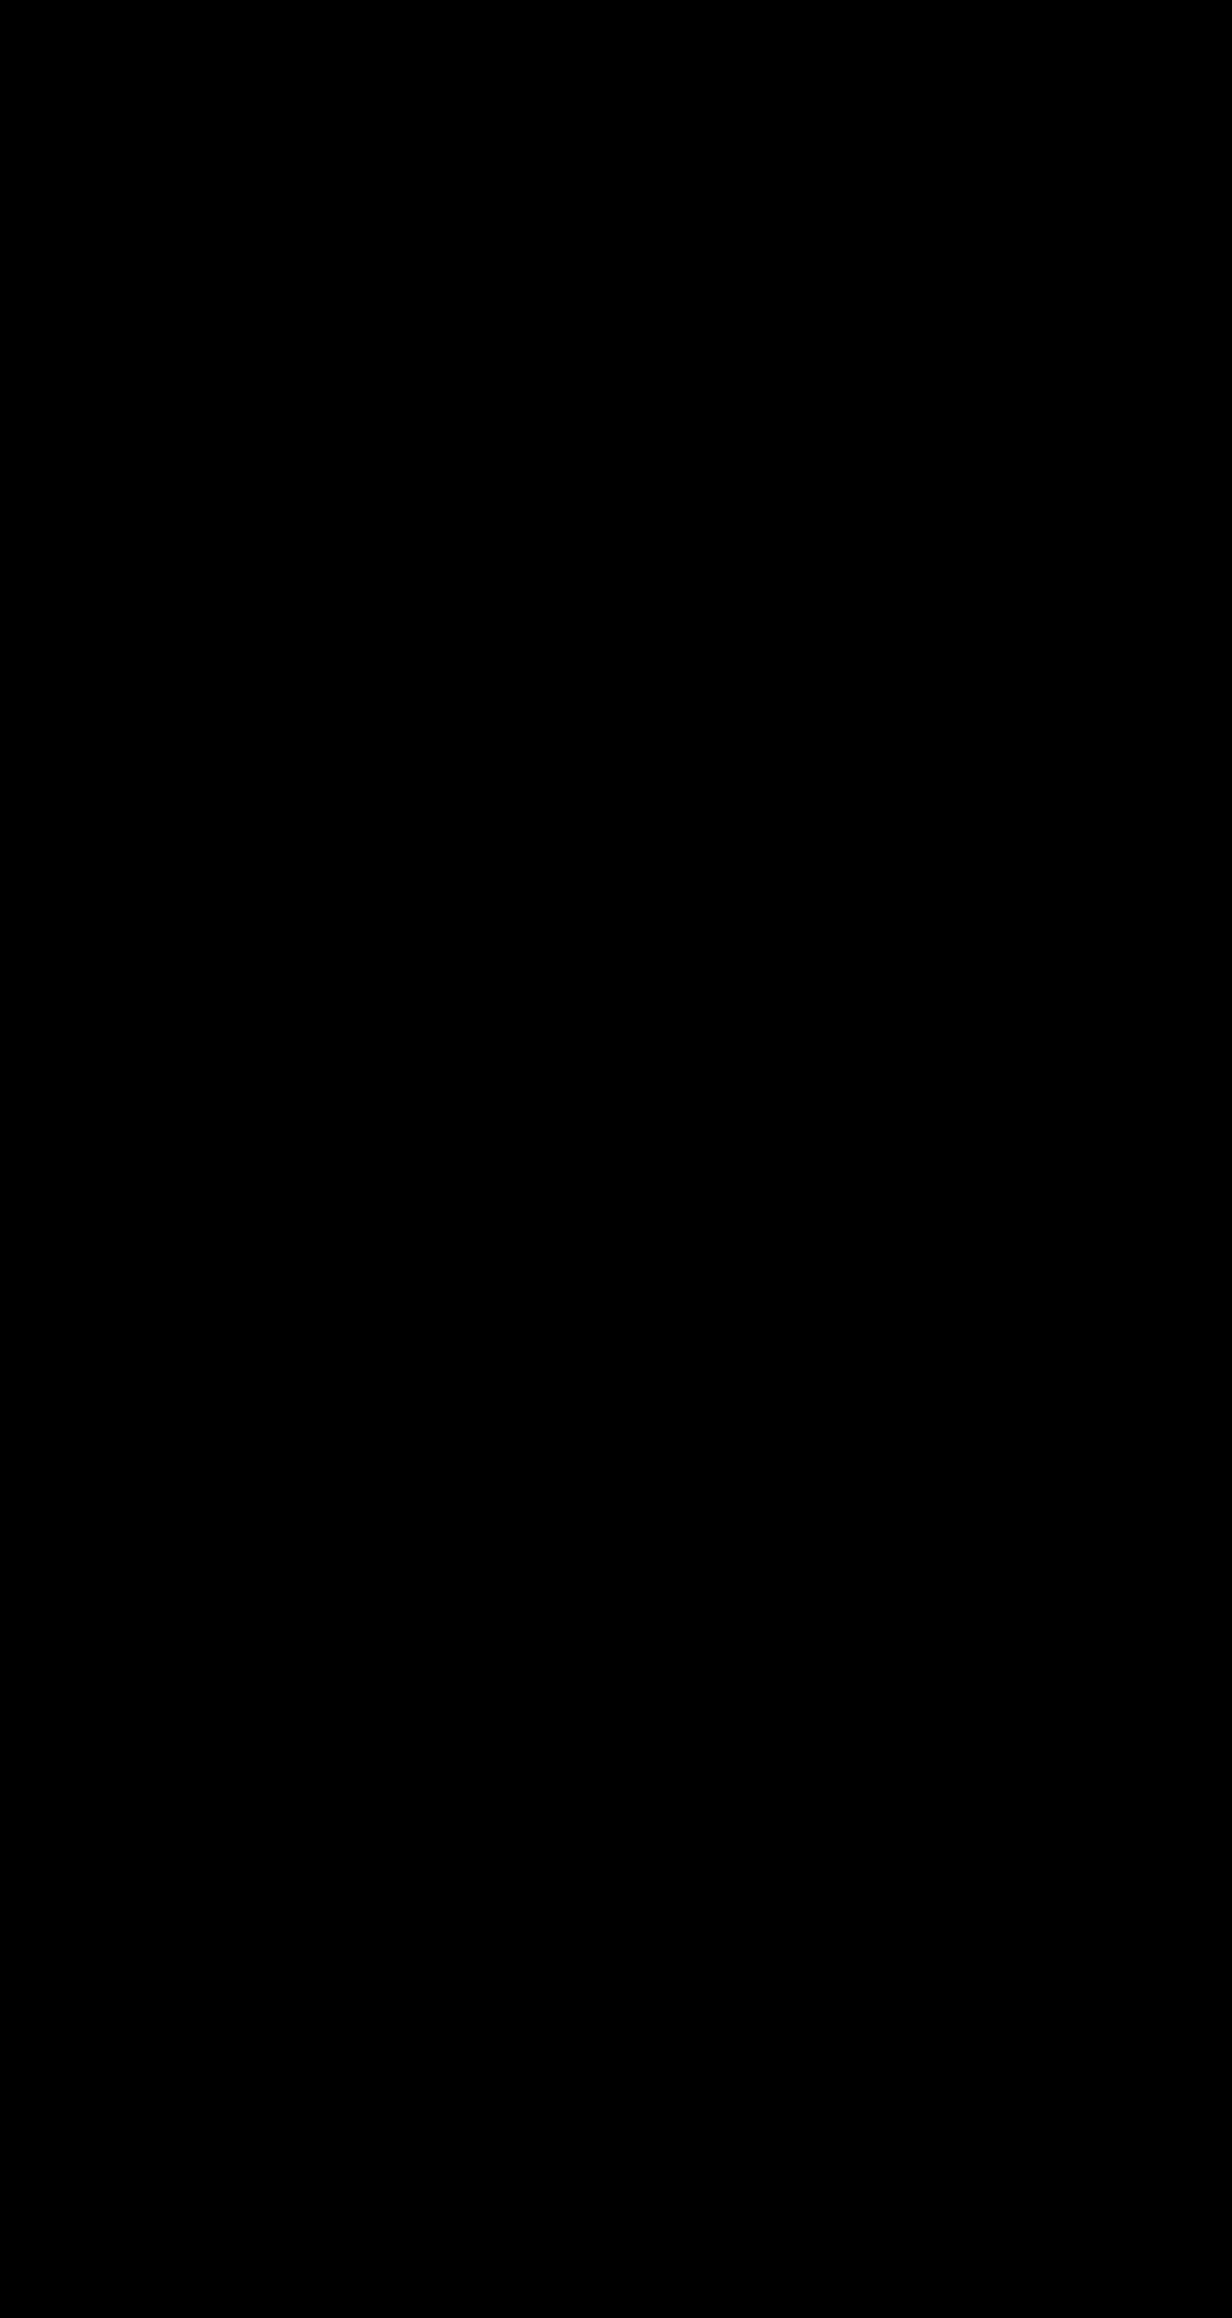 WWW.THEBIGPIXTURE.COM